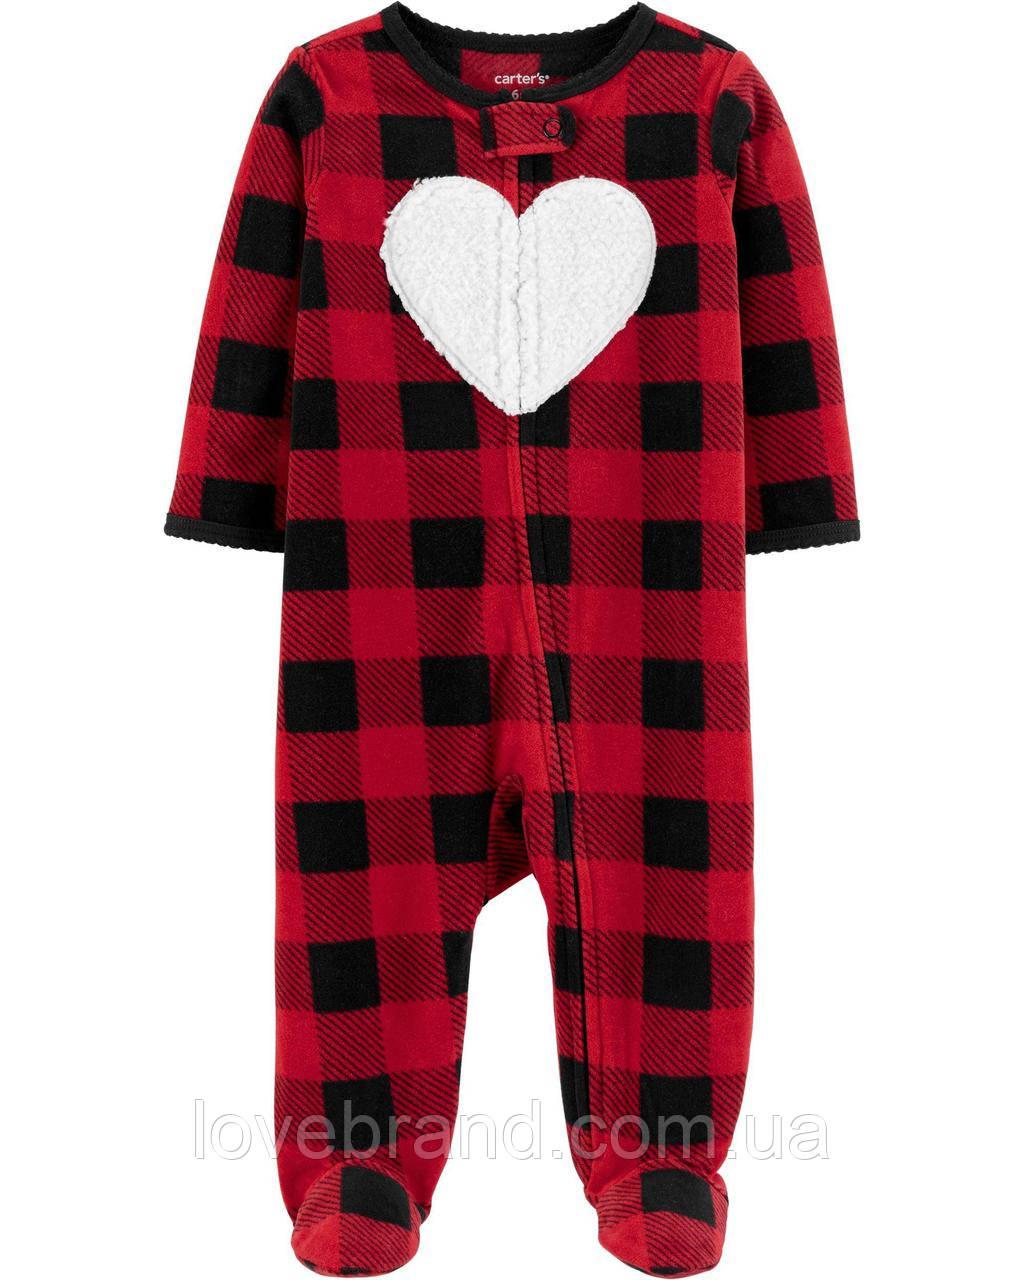 Флисовый человечек с ножками Carter's для девочки Сердце 3 мес/55-61 см